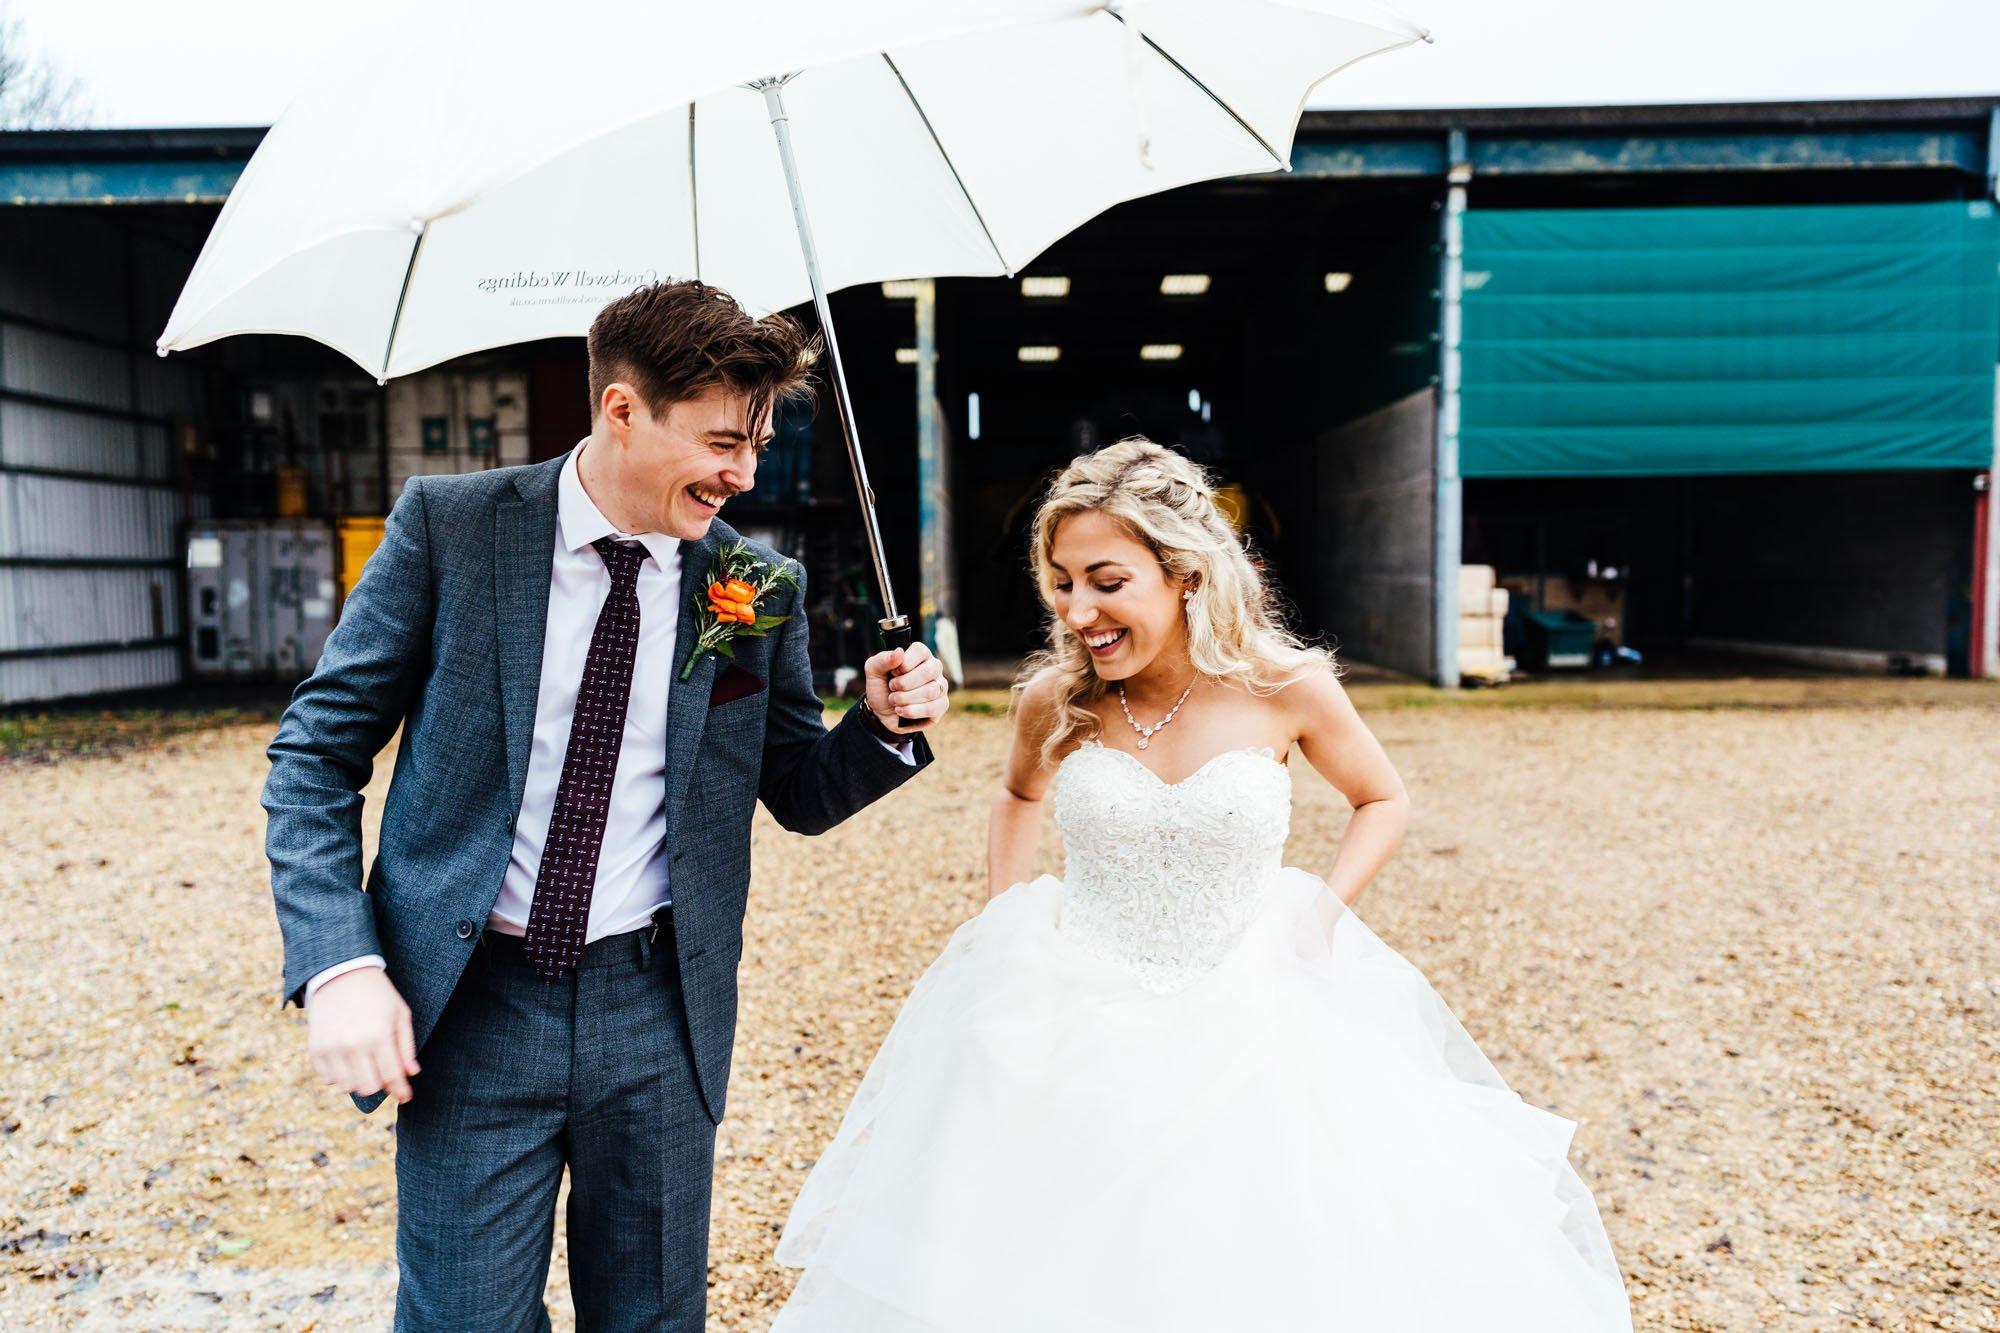 wedding-at-crockwell-farm-39